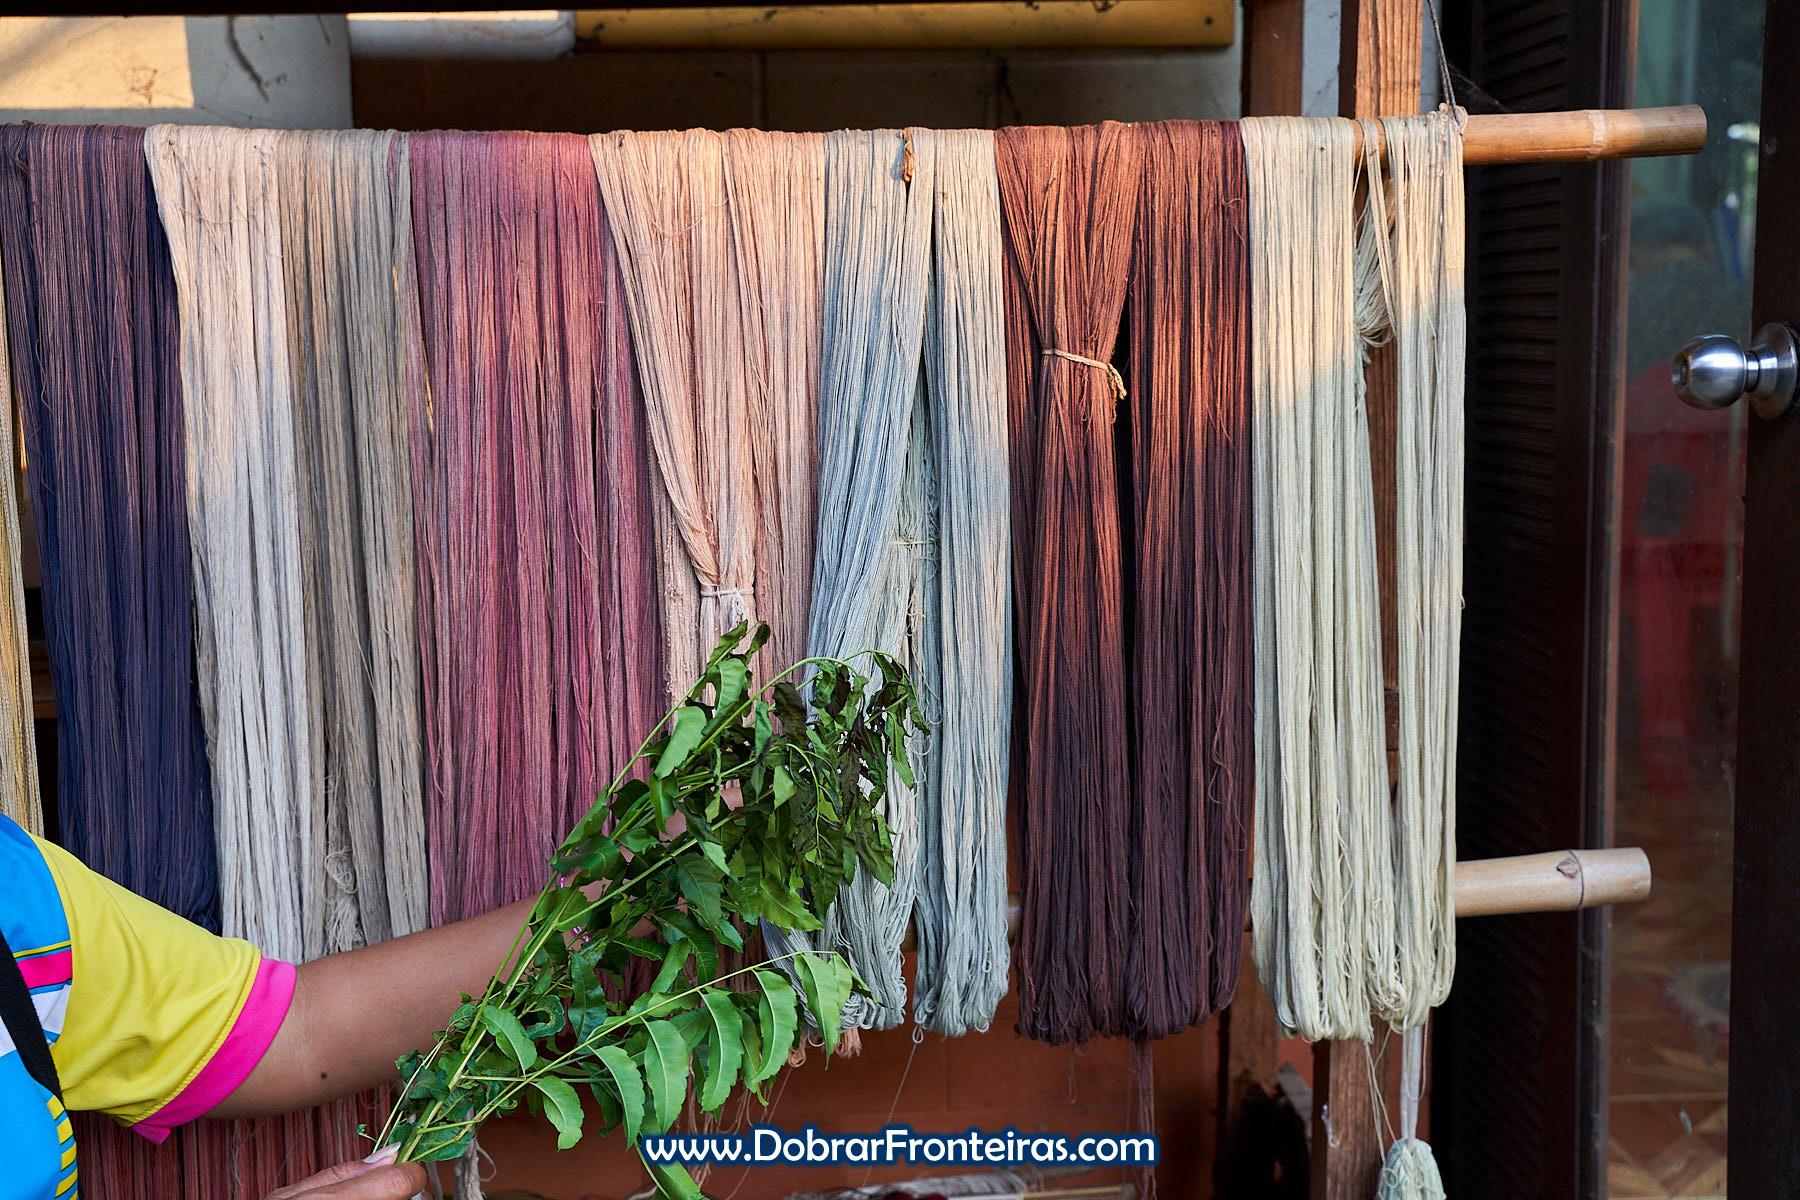 planta para tingir tecidos de forma natural